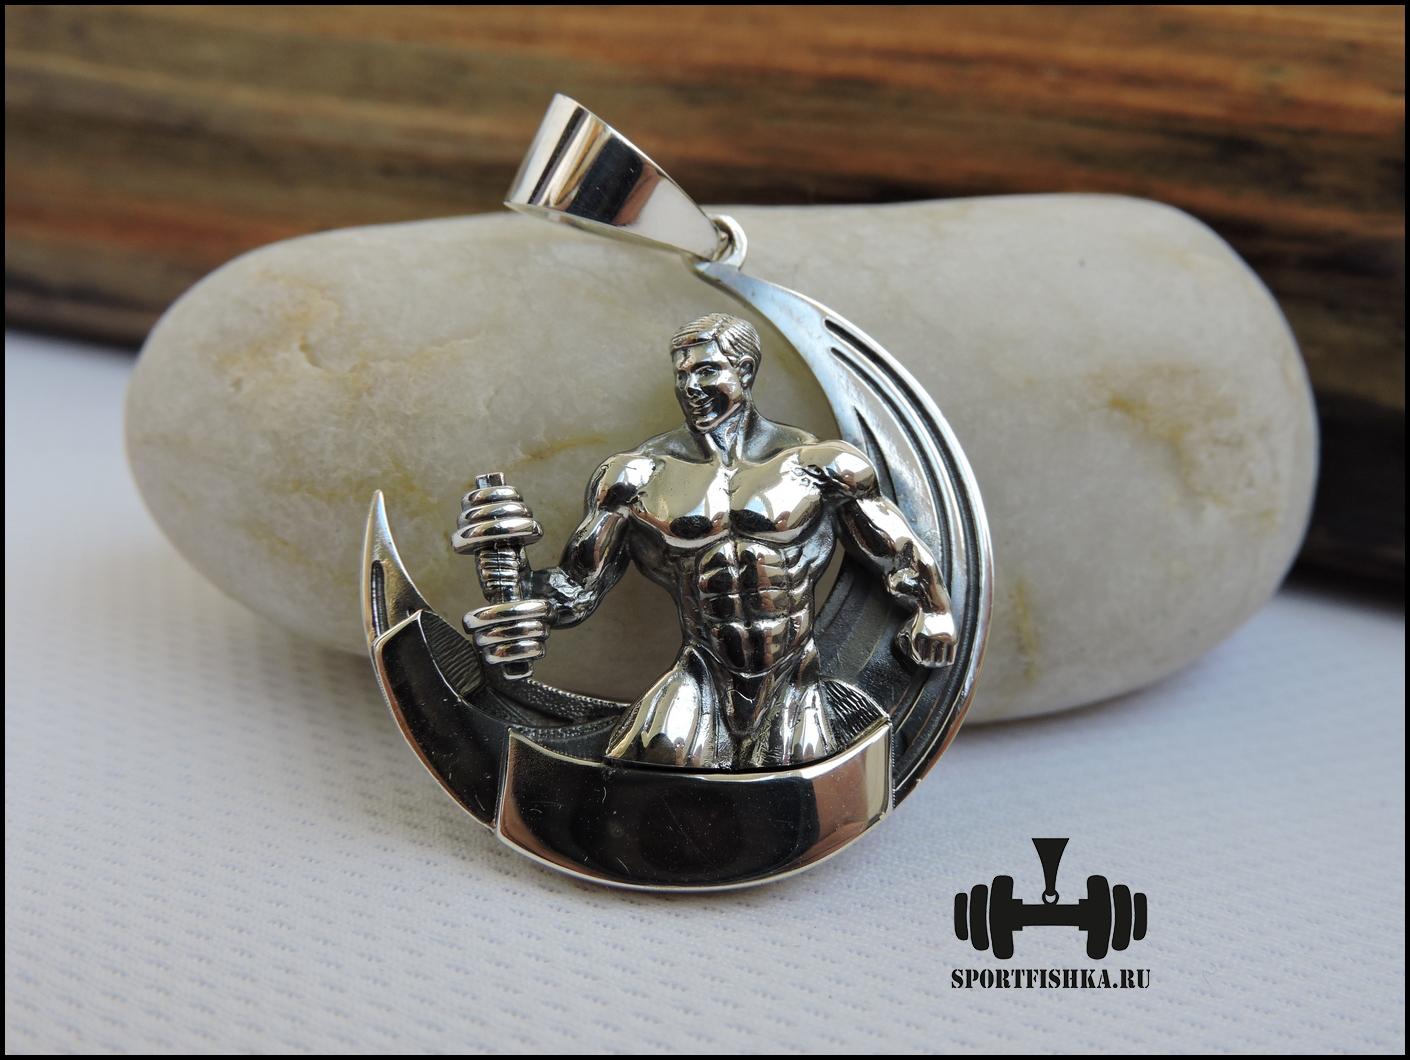 Мистер олимпия кулон из серебра